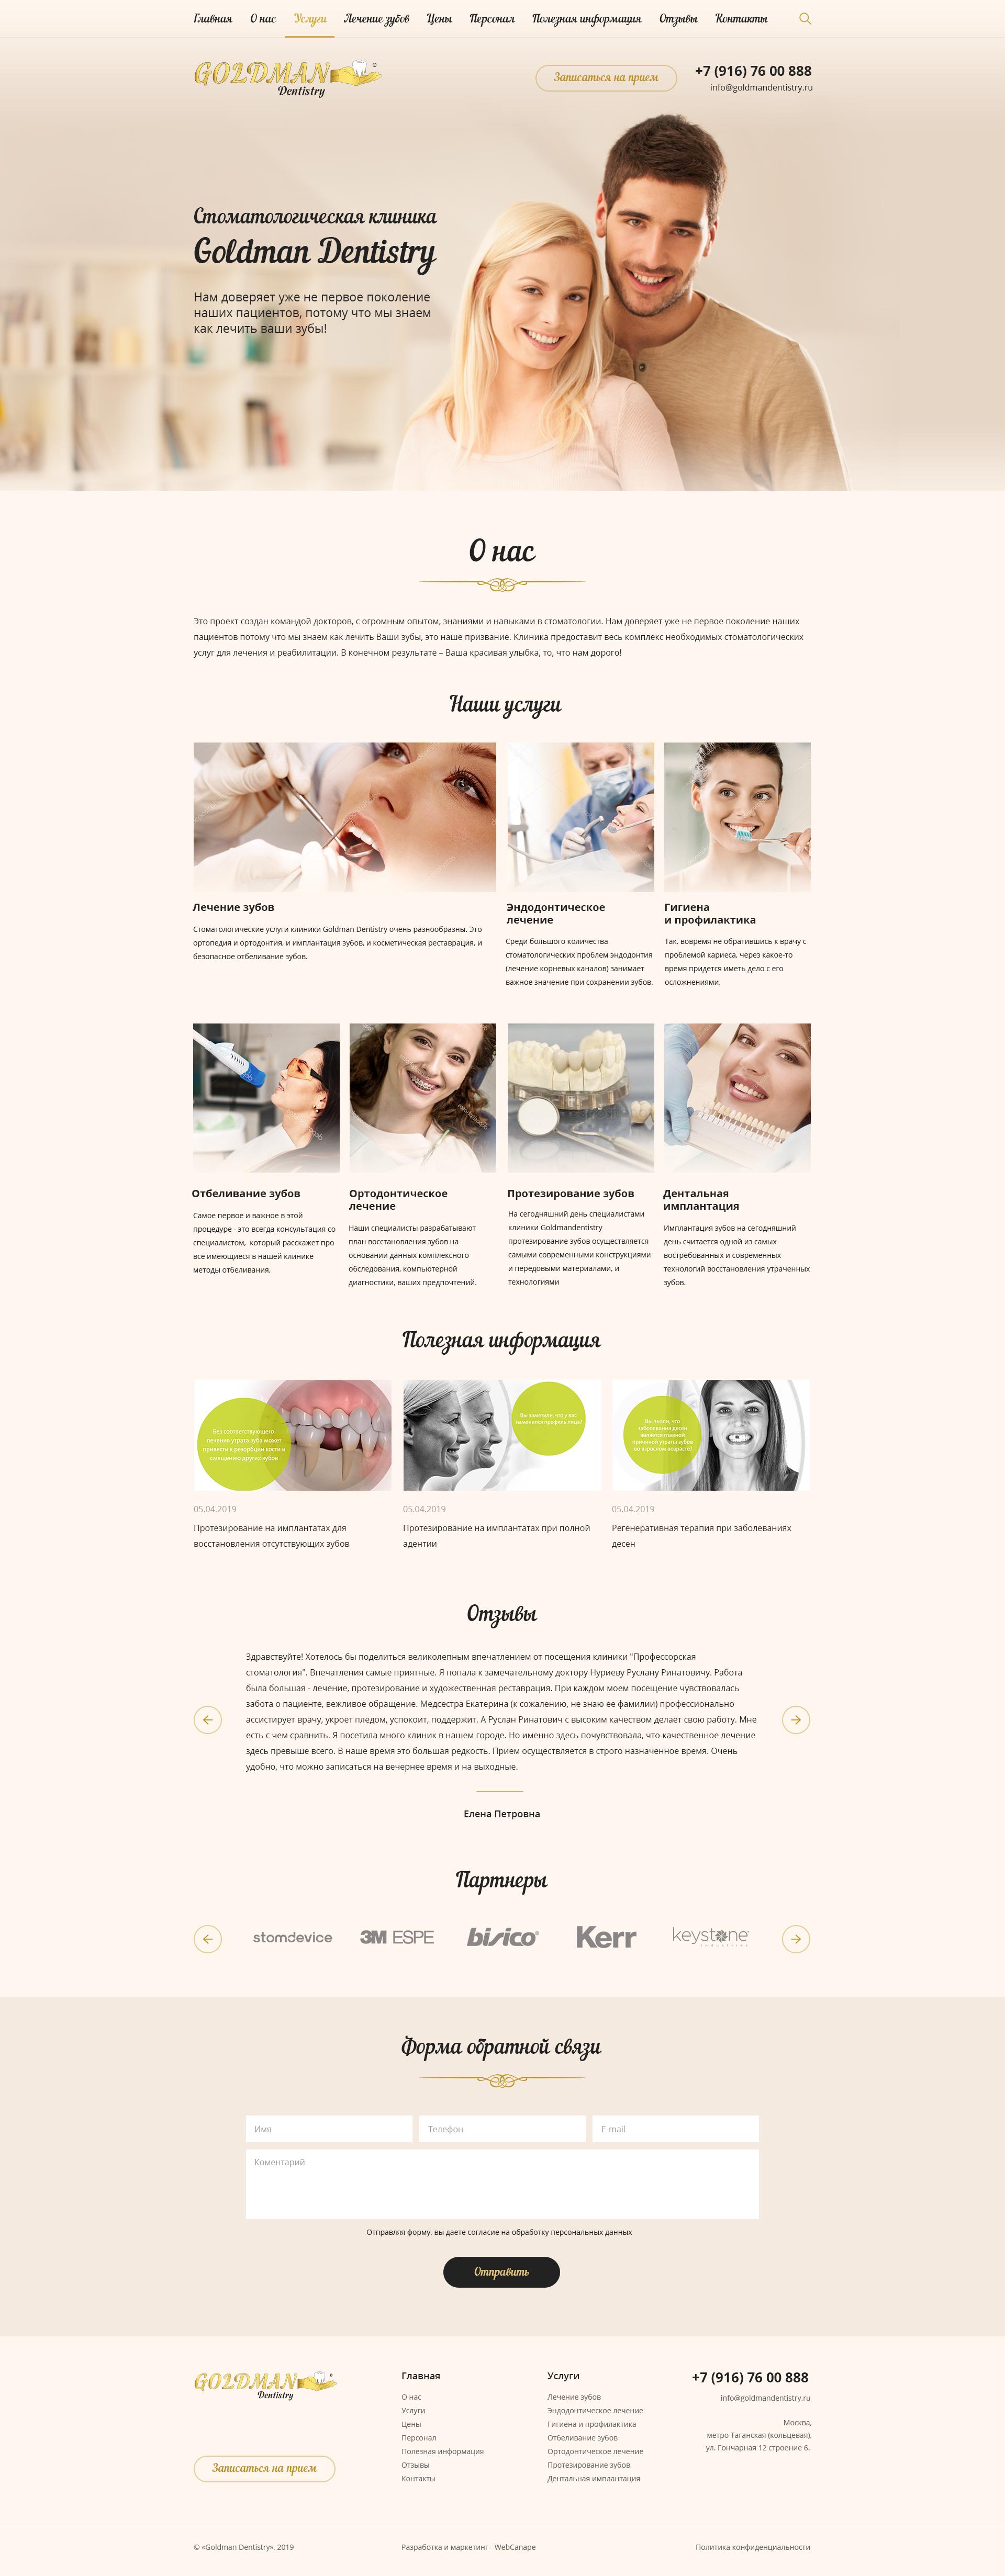 Разработка сайта стоматологической клиники